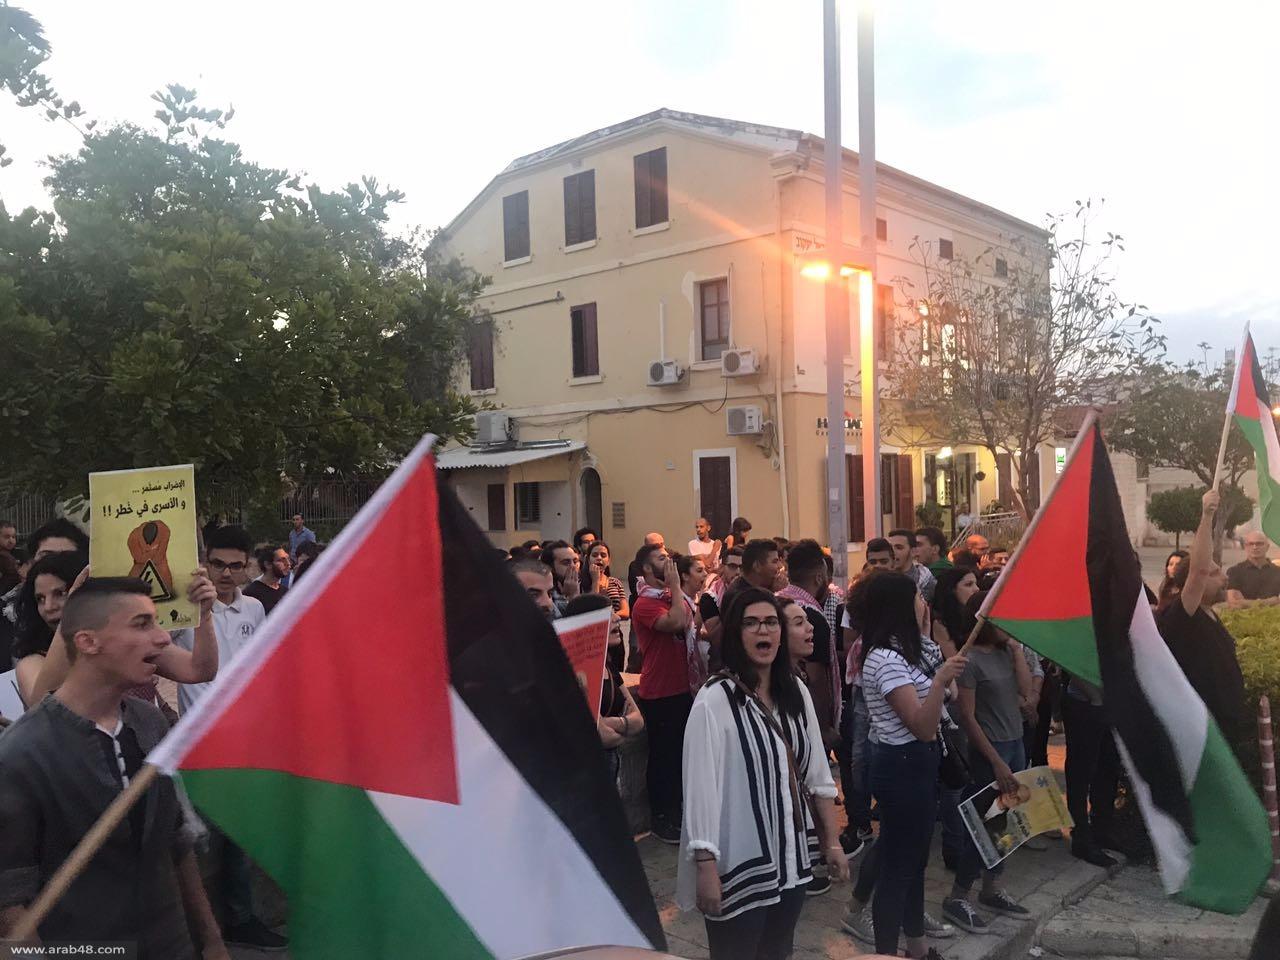 حيفا: تظاهرة إسناد للأسرى المضربين عن الطعام